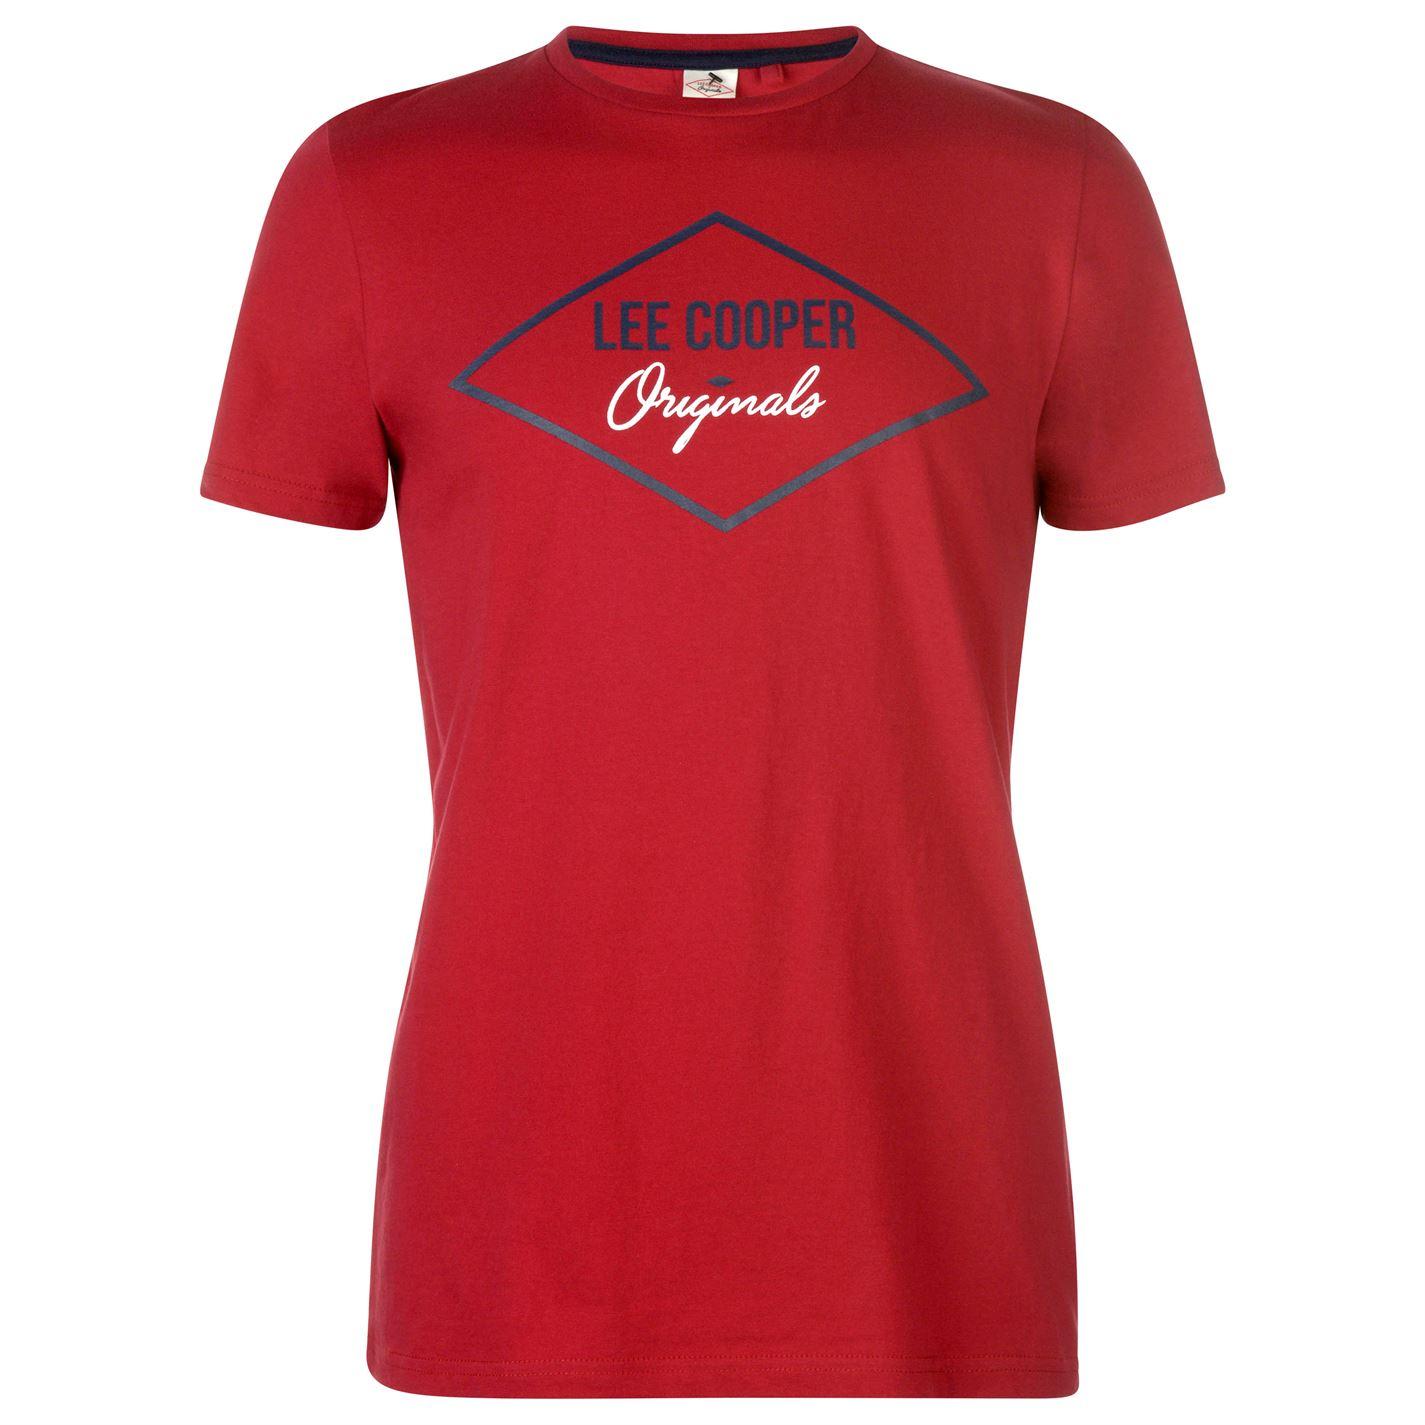 Lee Cooper Originals T Shirt Mens